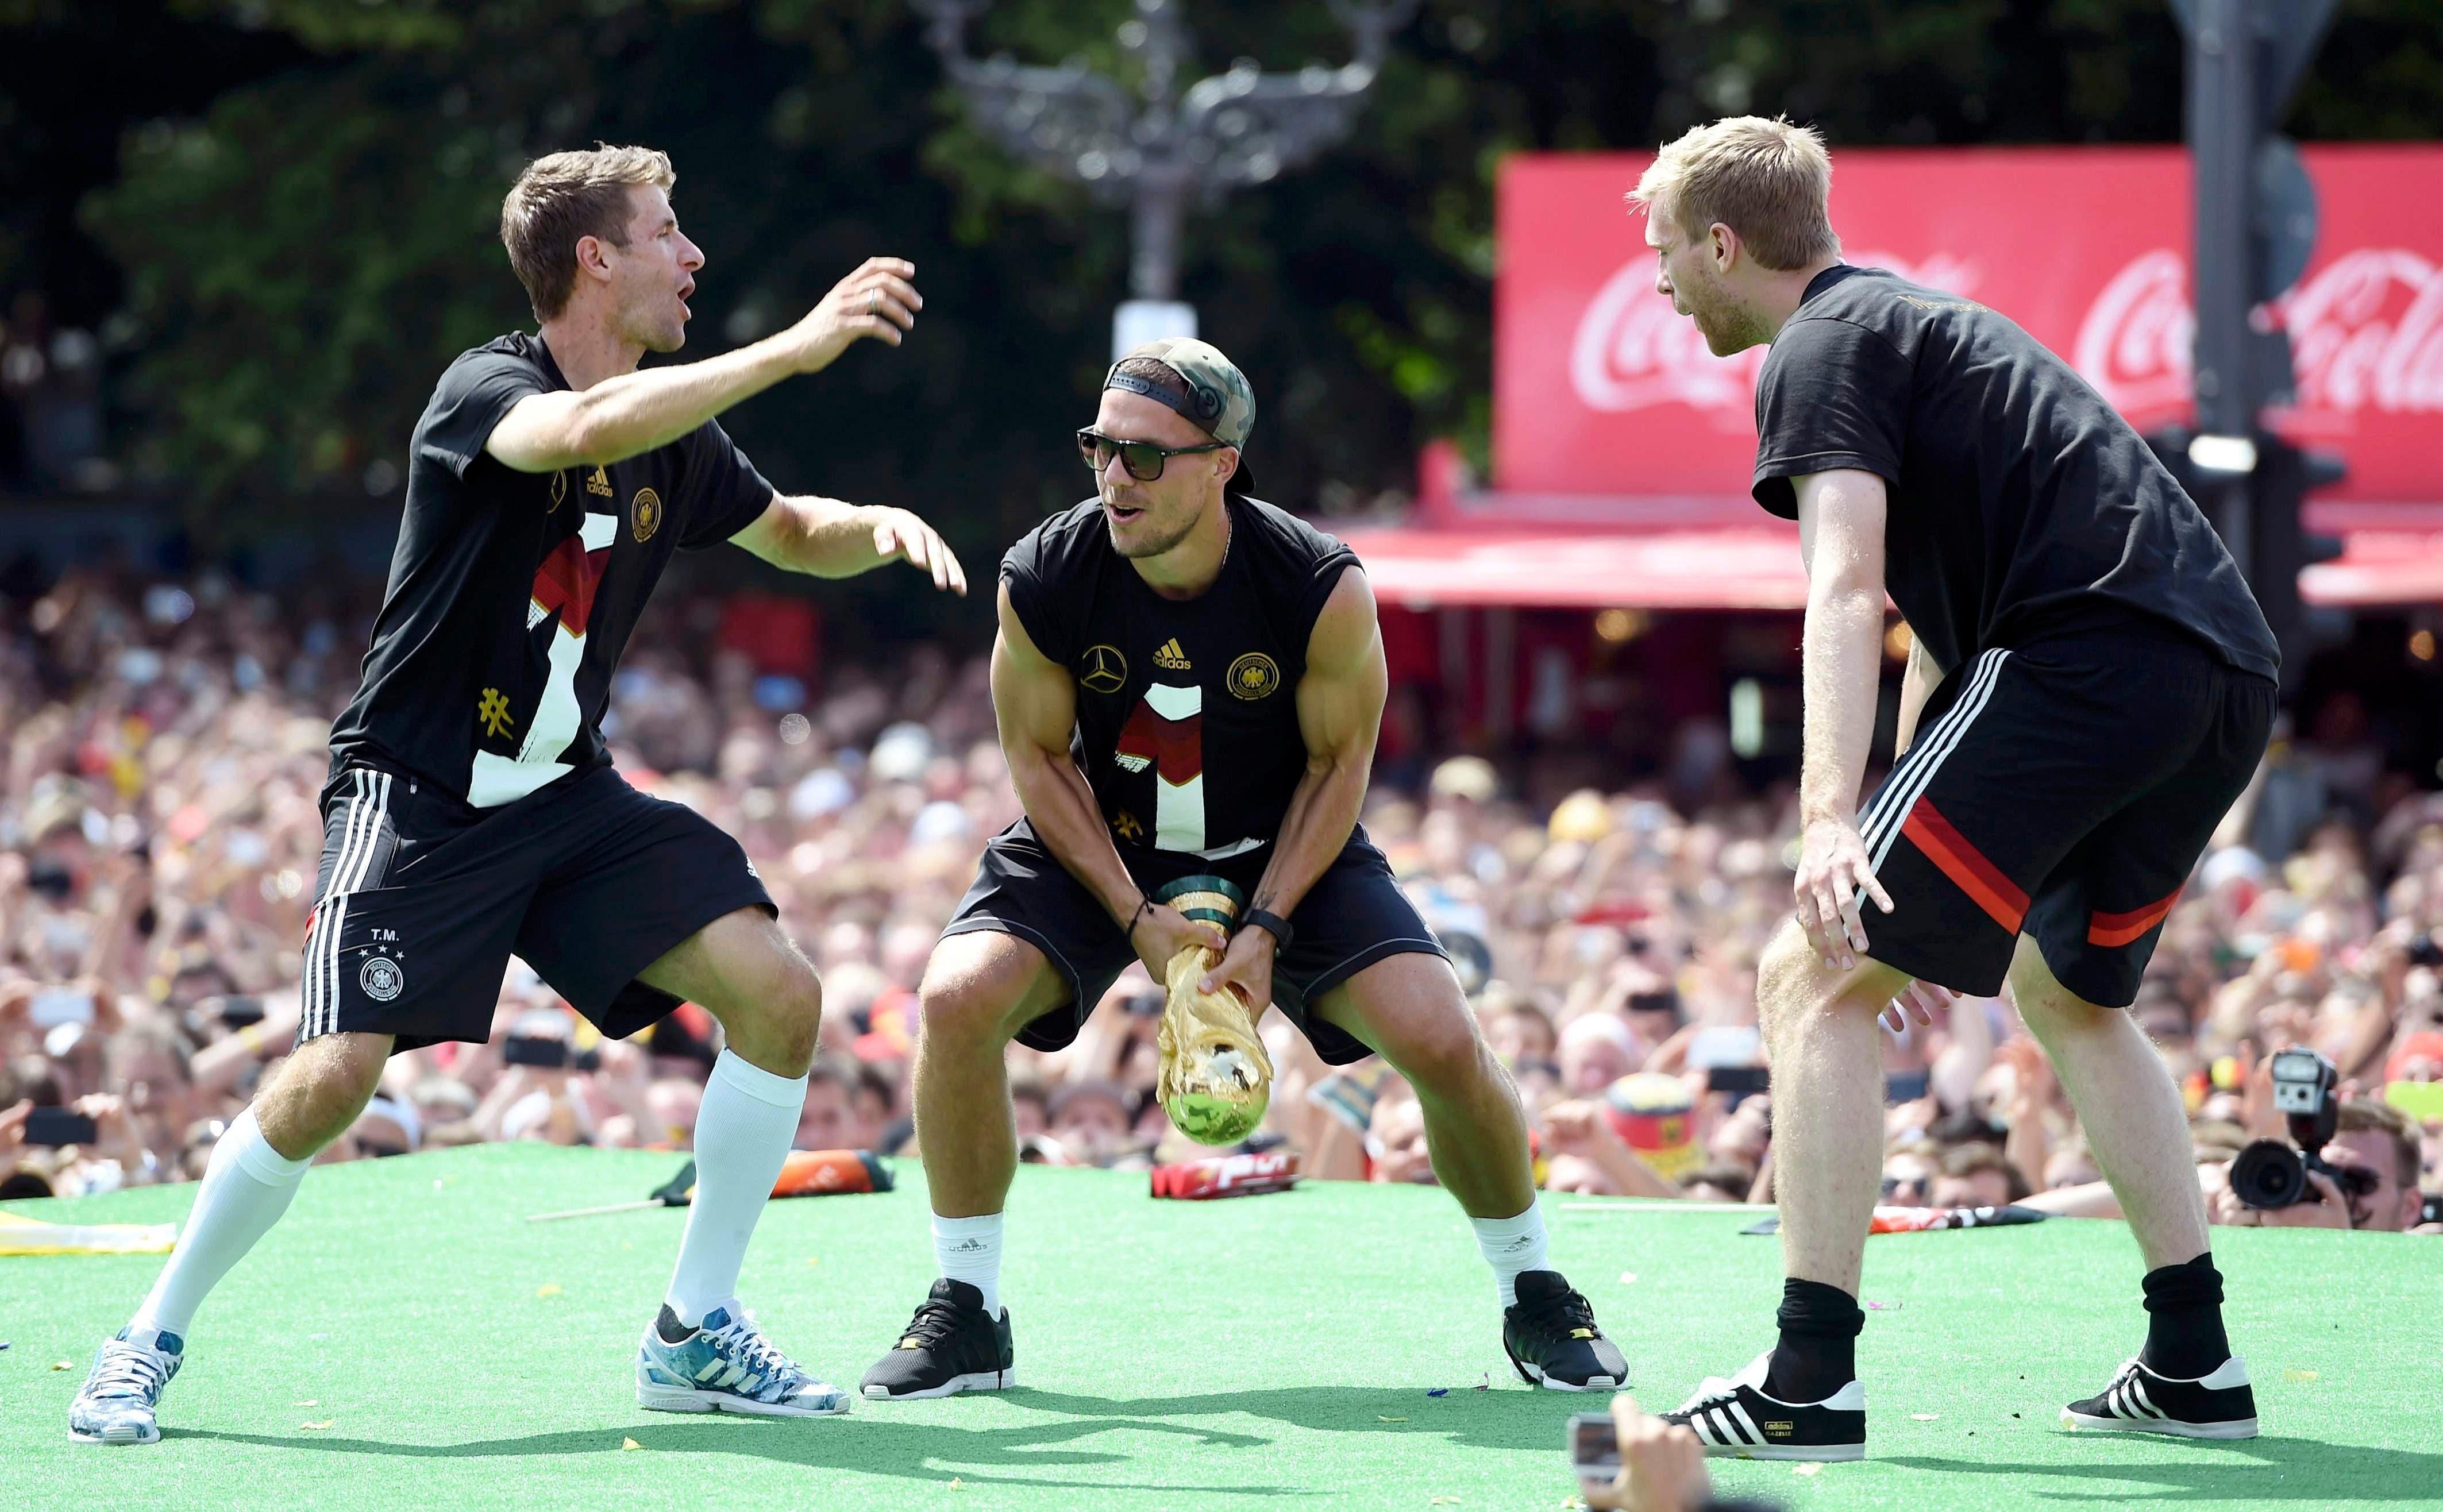 كرة القدم 22 لاعباً ضد بعضهم.. وبالنهاية يفوز الألمان